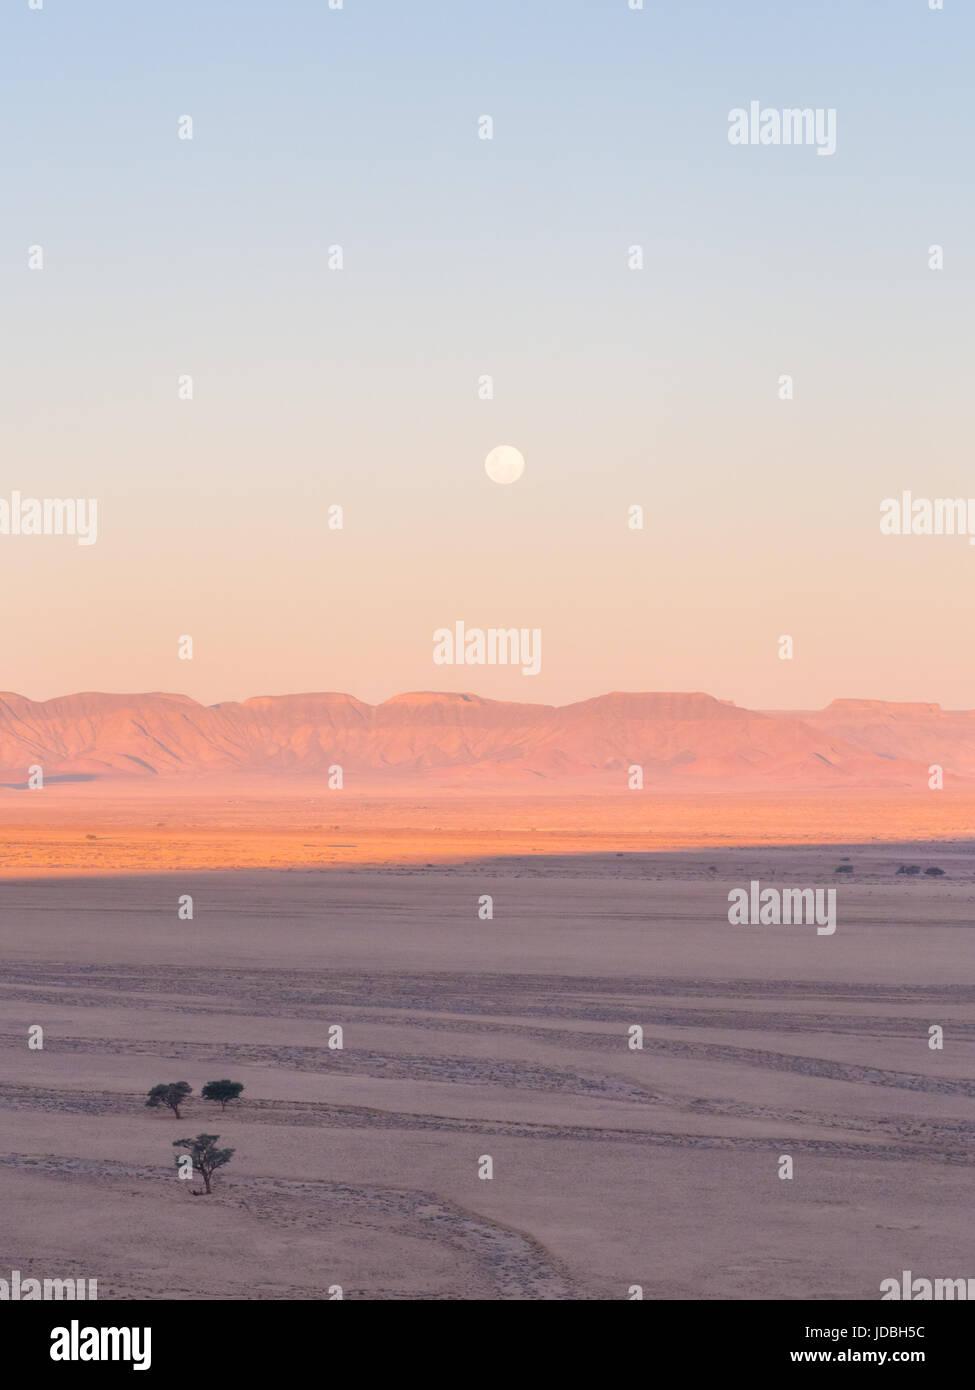 Landscape ion the Namib Desert n Namib-Naukluft National Park, Namibia, Africa, at sunset. Stock Photo